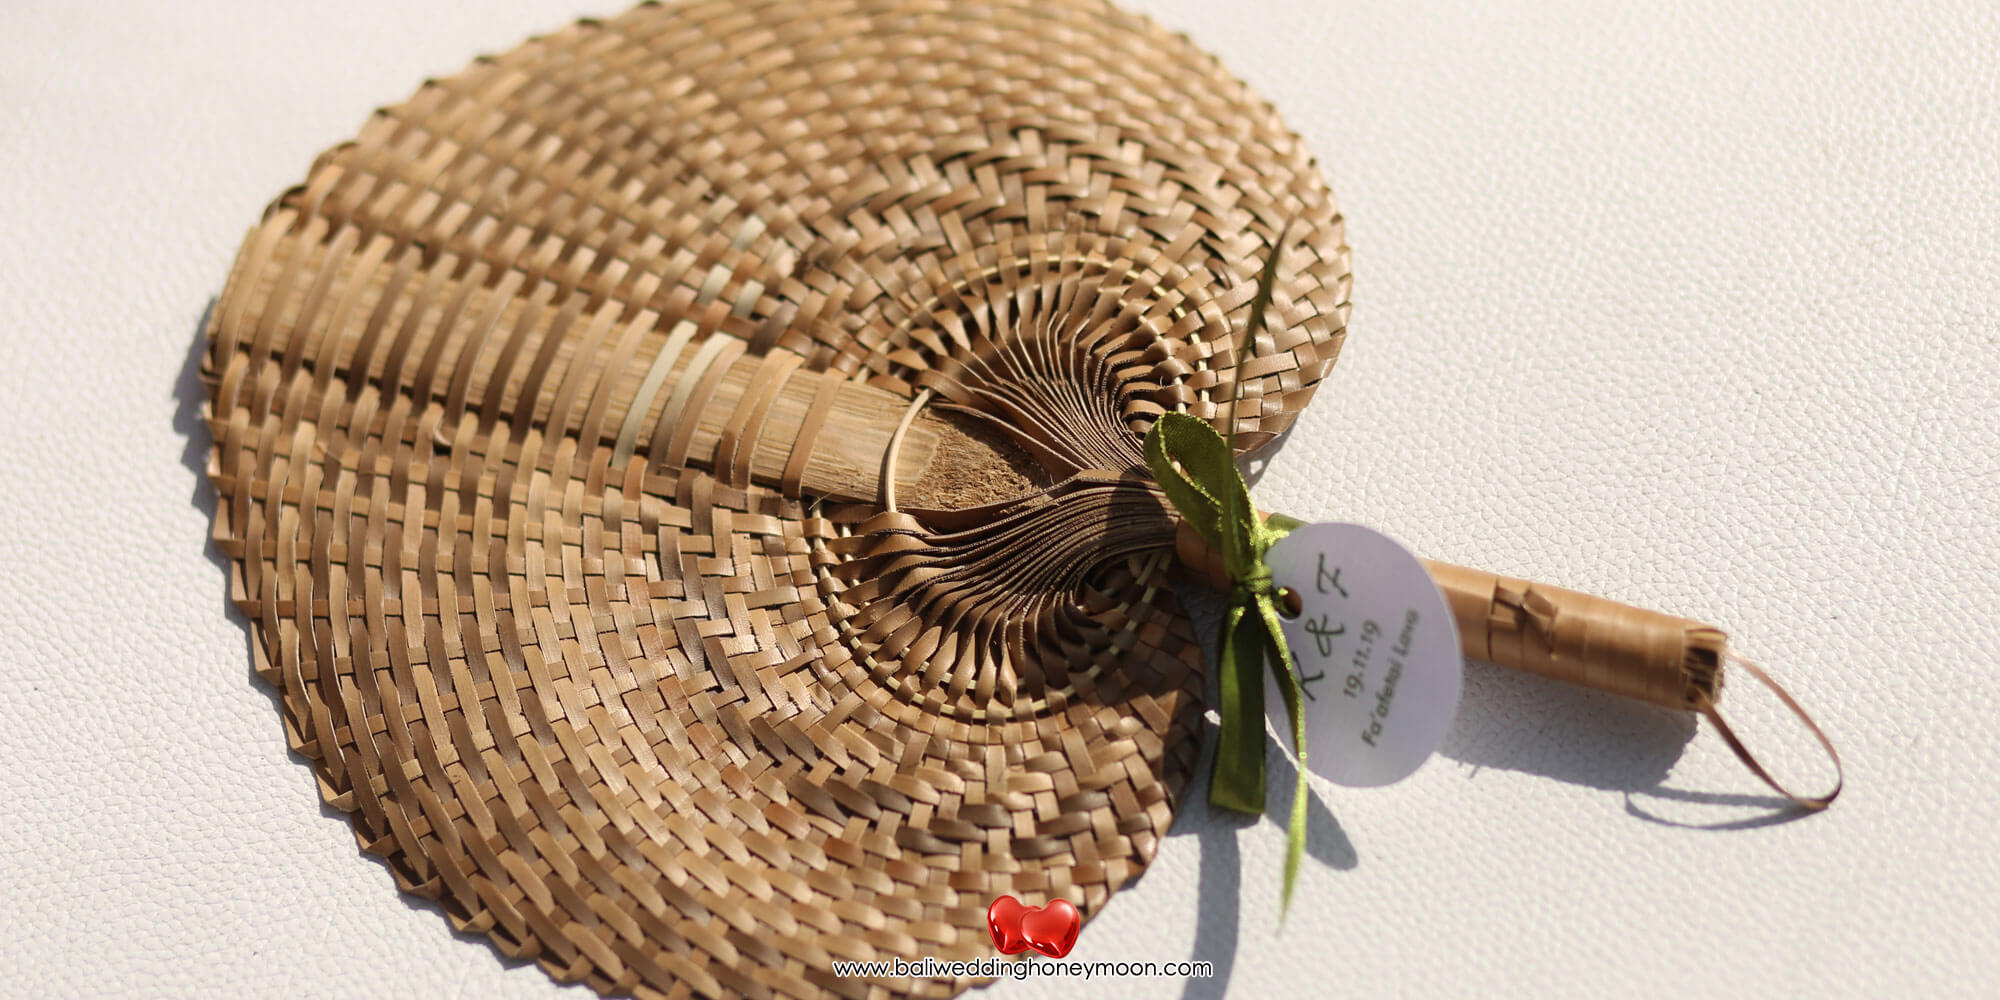 weddingvenuebali-gardenbaliwedding-baliweddinghoneymoon-baliweddingorganizer-baliweddingplanner-baliweddingpackage-holidayinbarunabali9